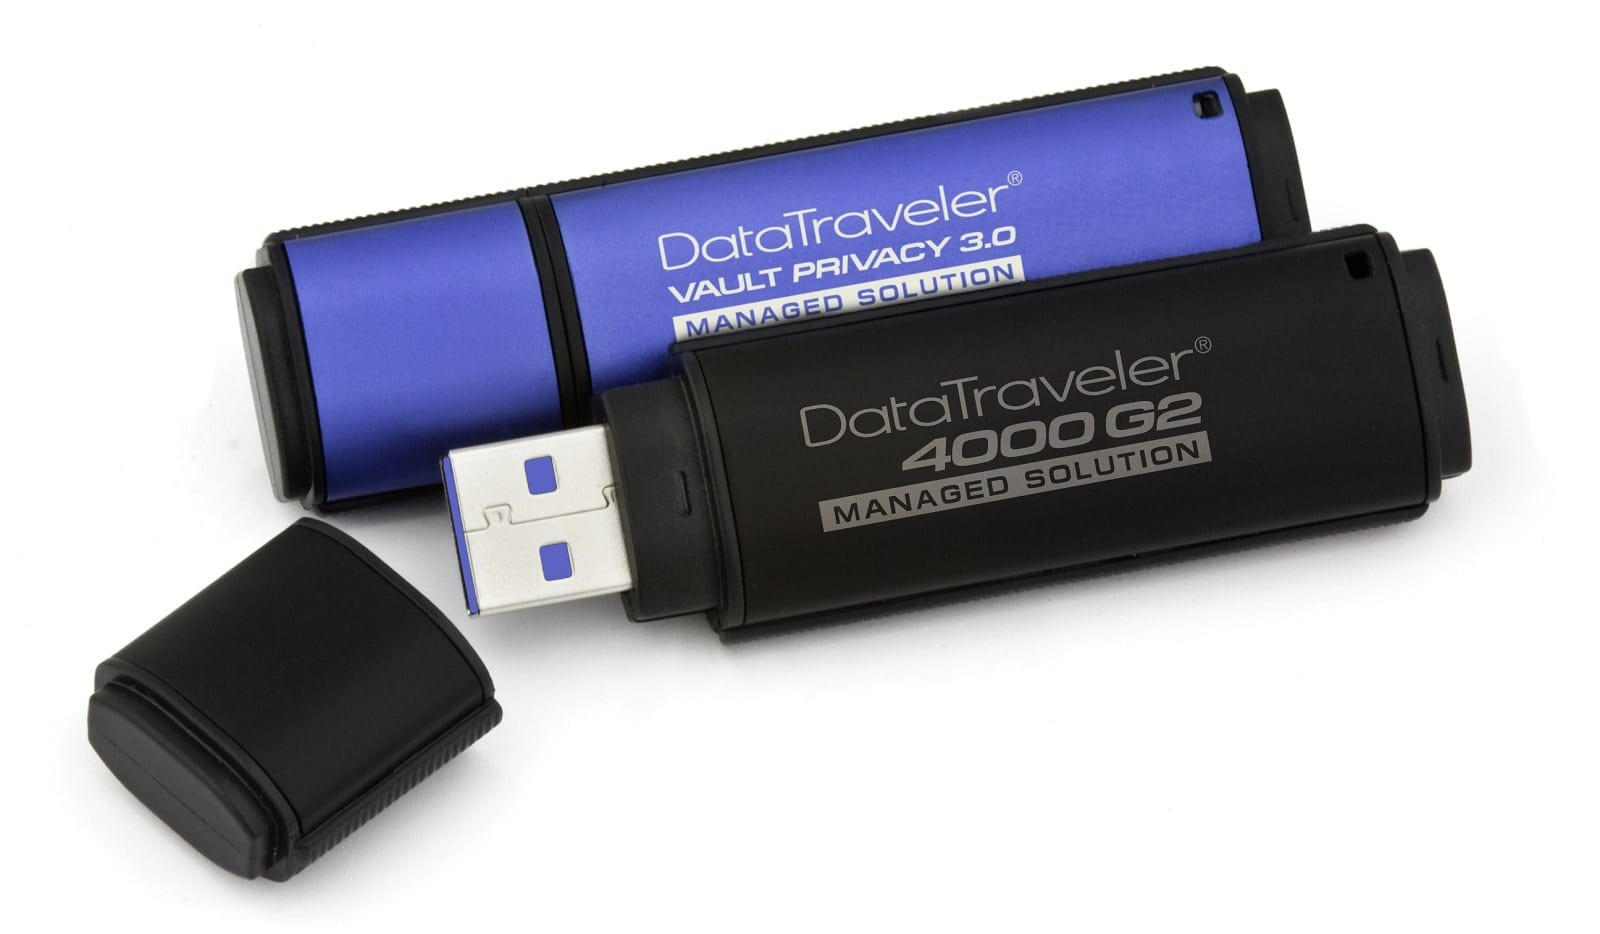 Kingston Digital a introdus două stick-uri USB securizate, dedicate corporațiilor și instituțiilor